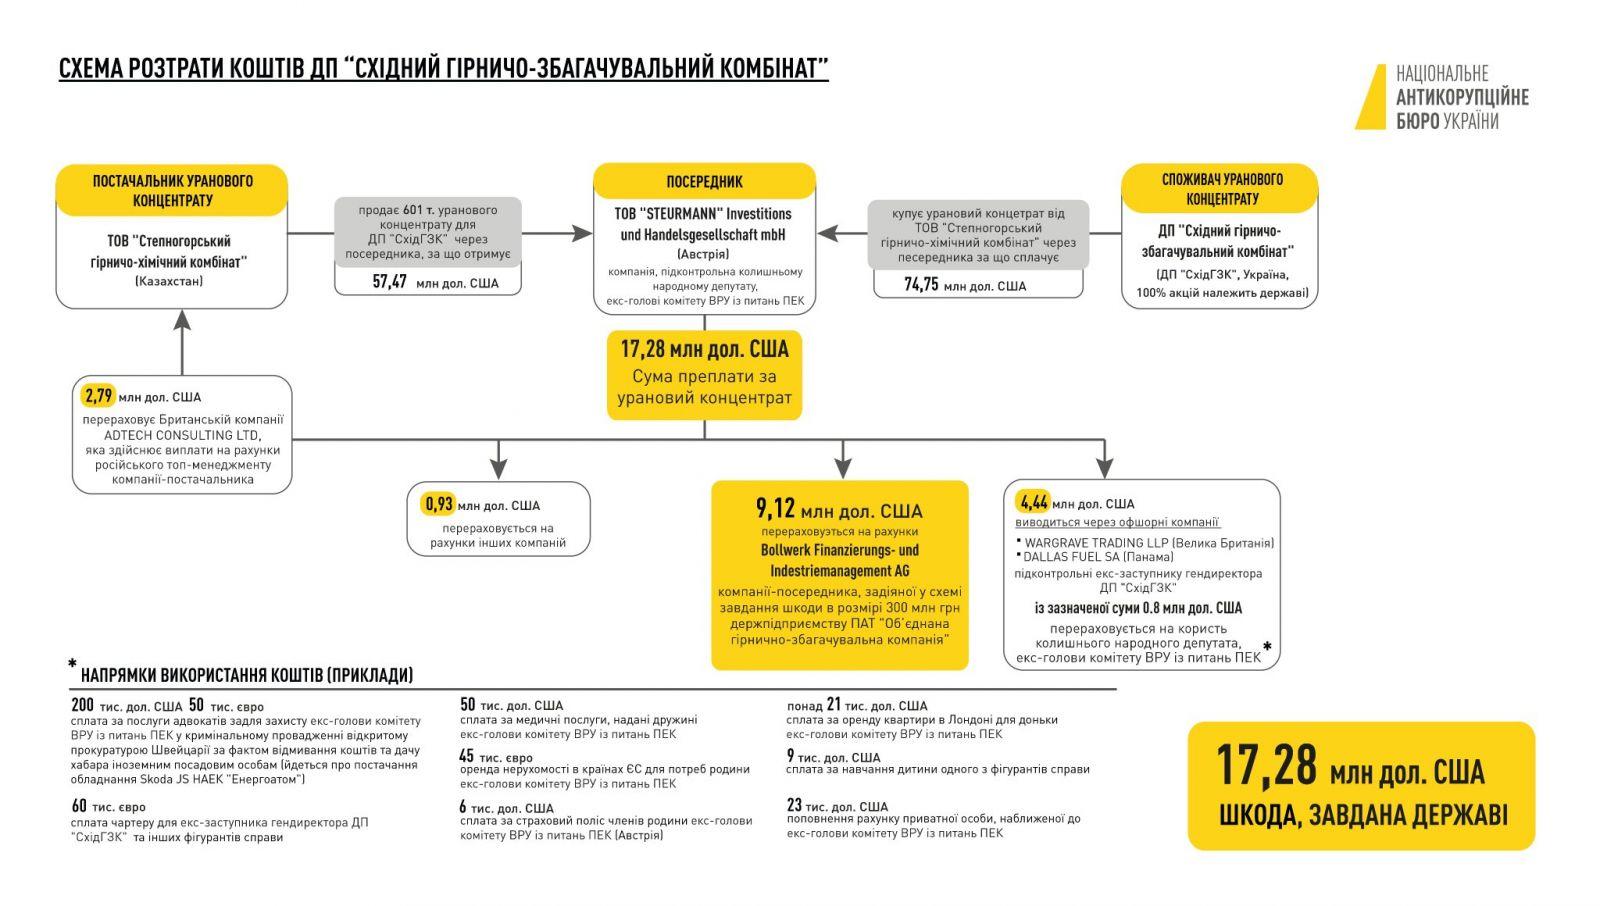 http//www.unn.com.ua/uploads/assets/images/17.jpg